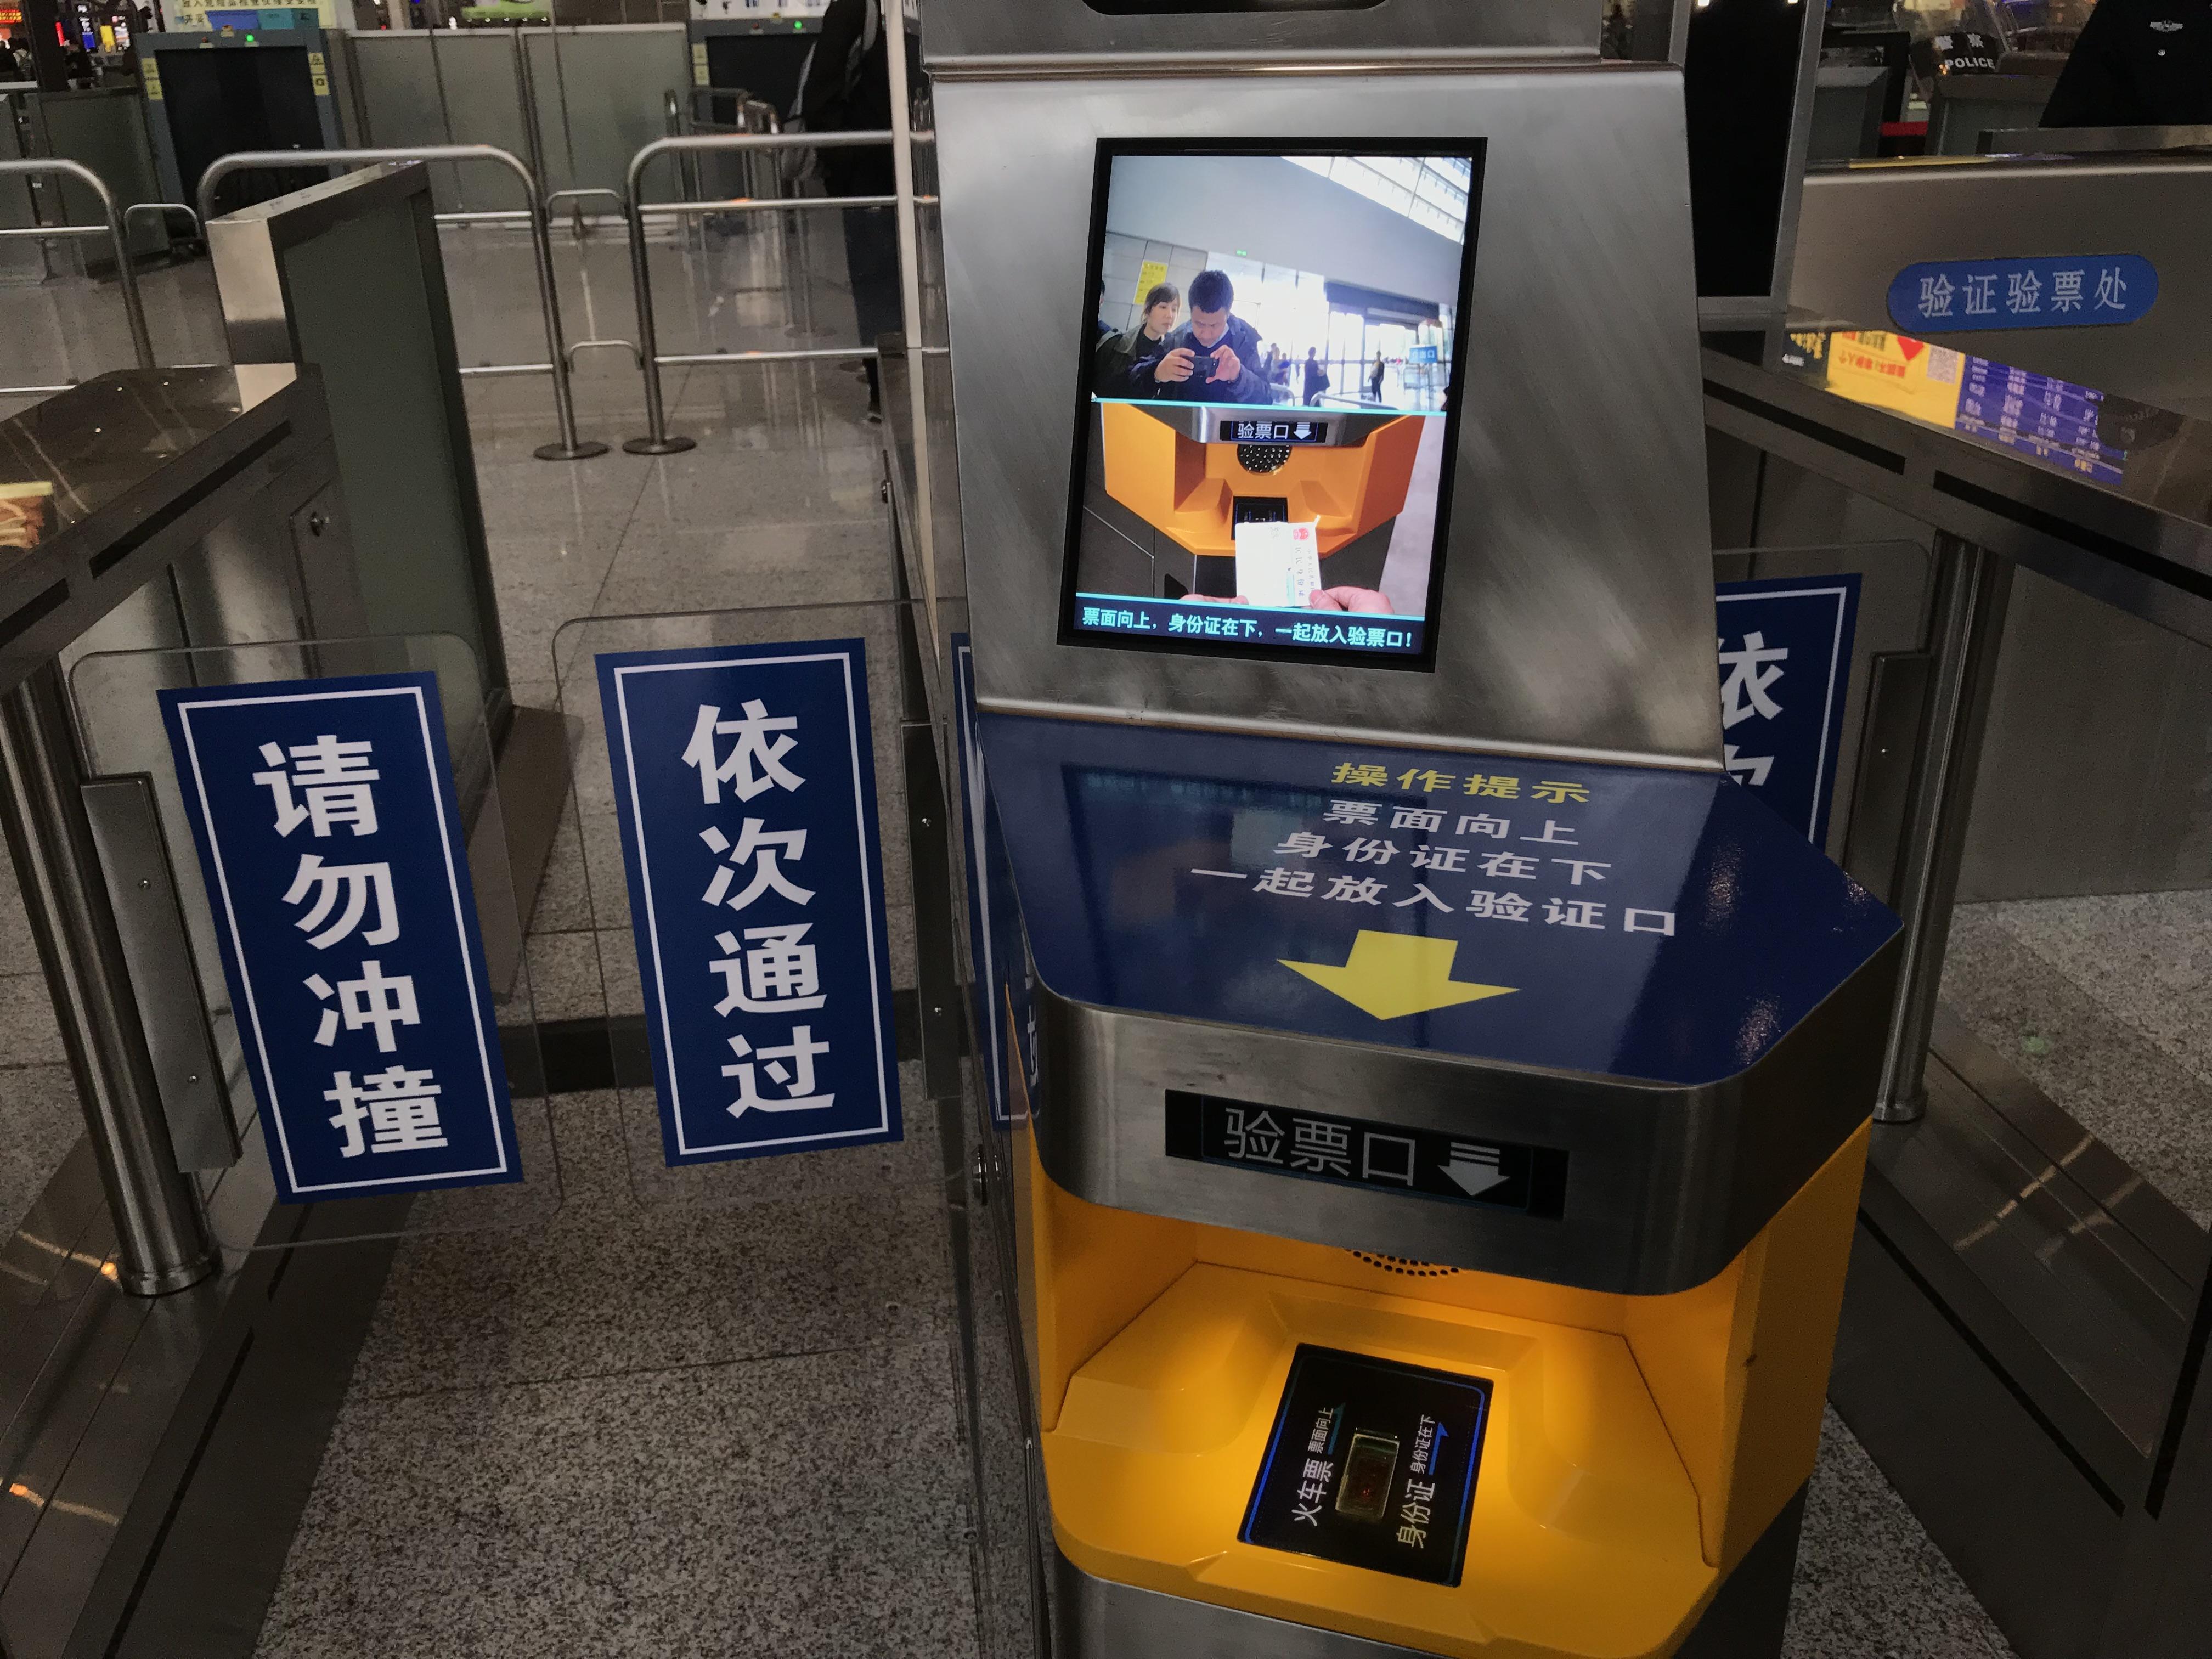 重庆高铁站的脸部识别验证验票系统。新华社记者 陶冶 摄